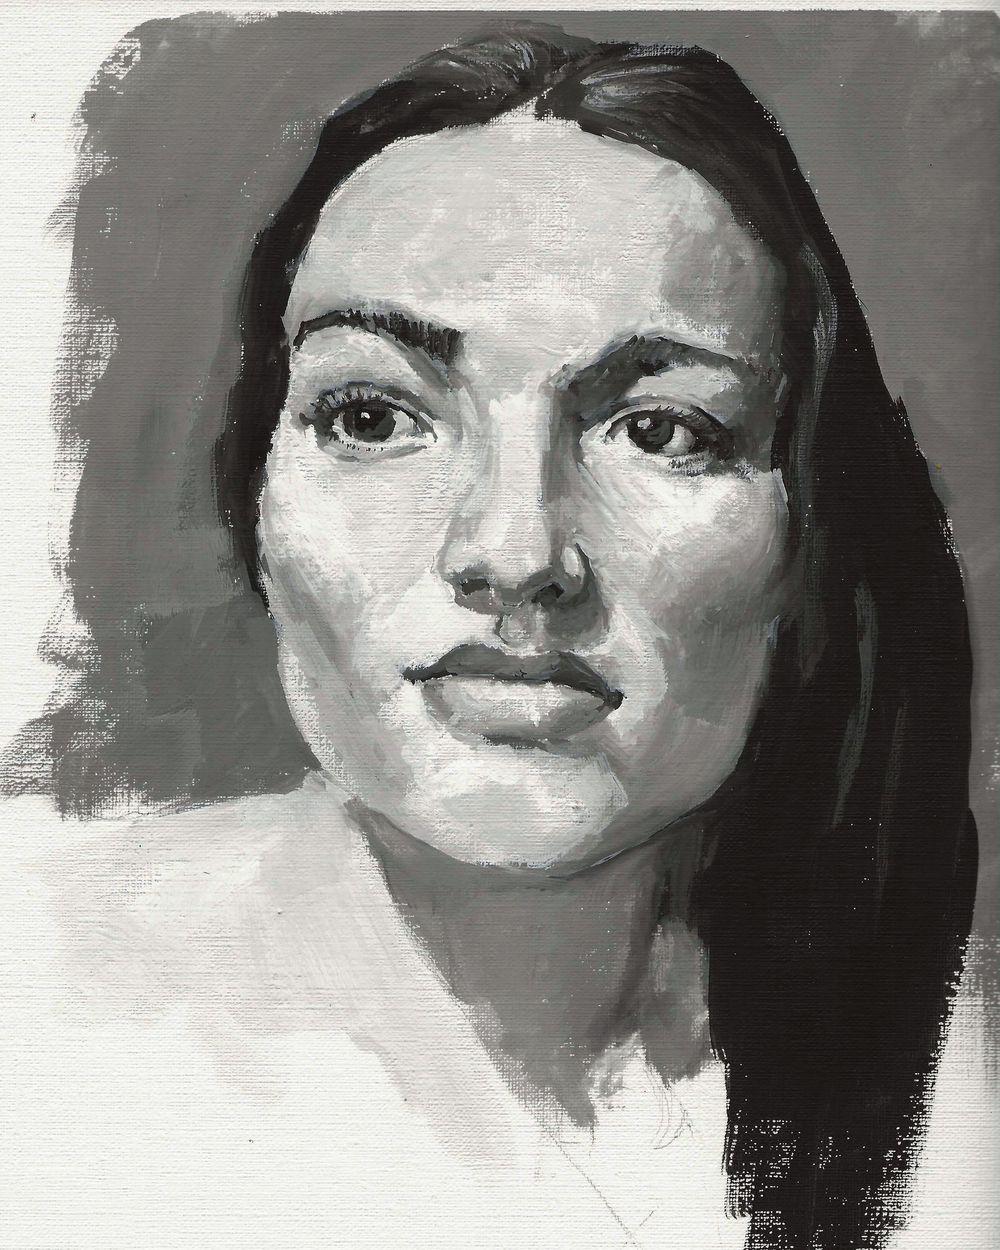 gouache portrait - image 4 - student project